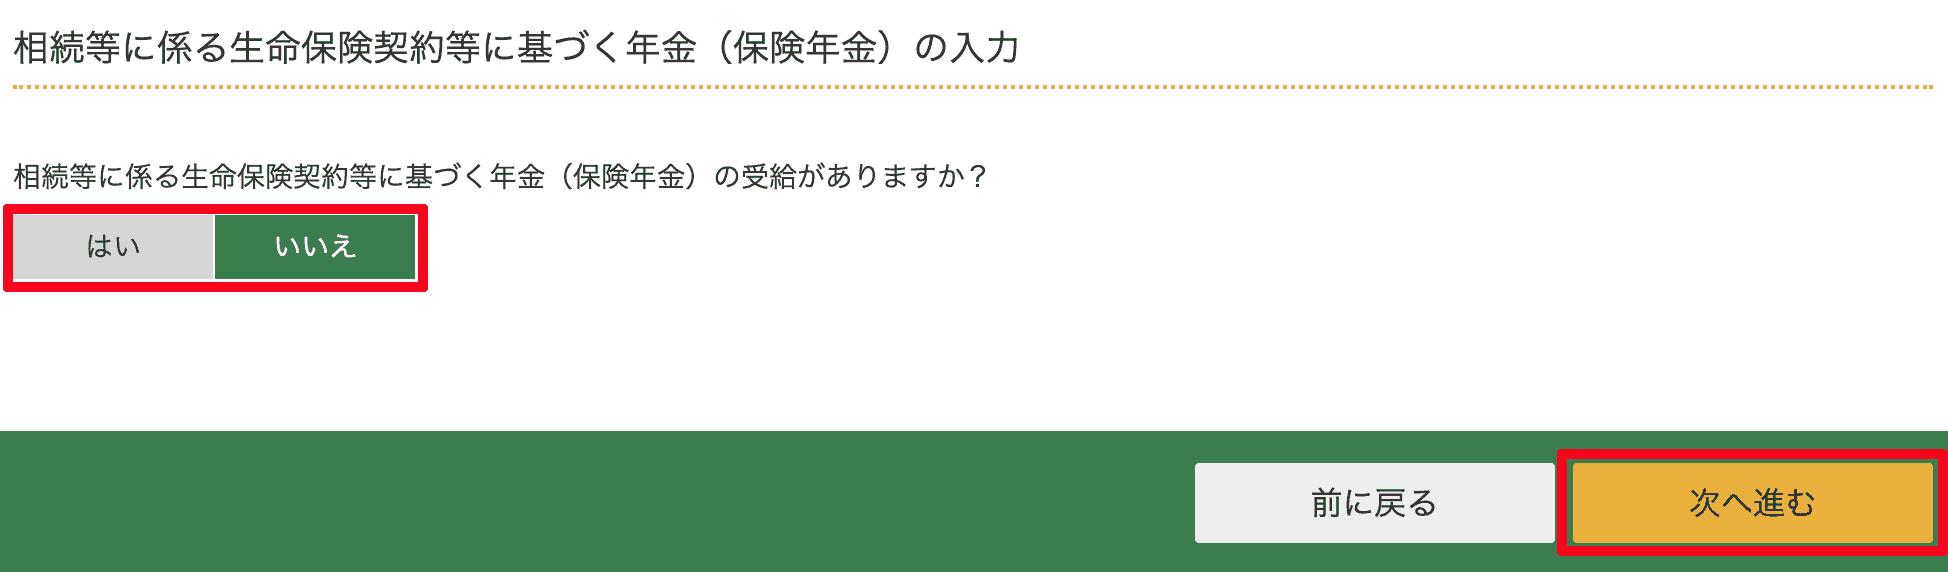 雑 その他 5